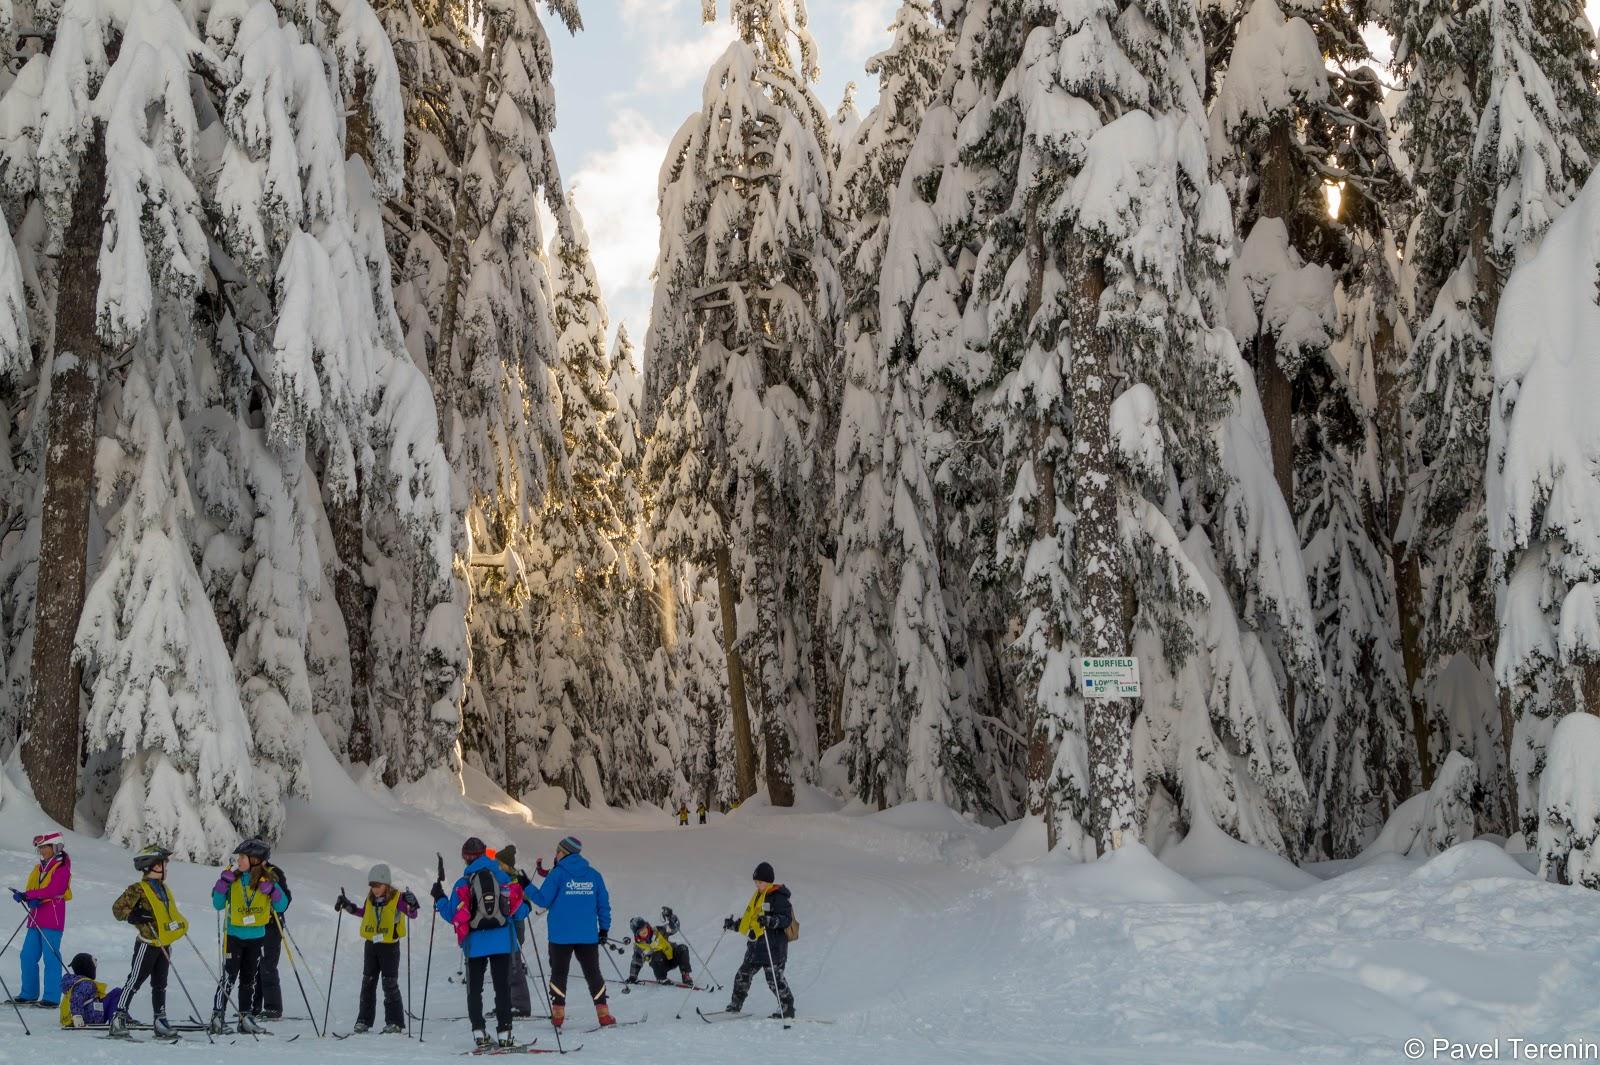 Поднявшись на гору и отстояв очередь за снегоступами, мы наконец-то оказались в снежном сказочном лесу